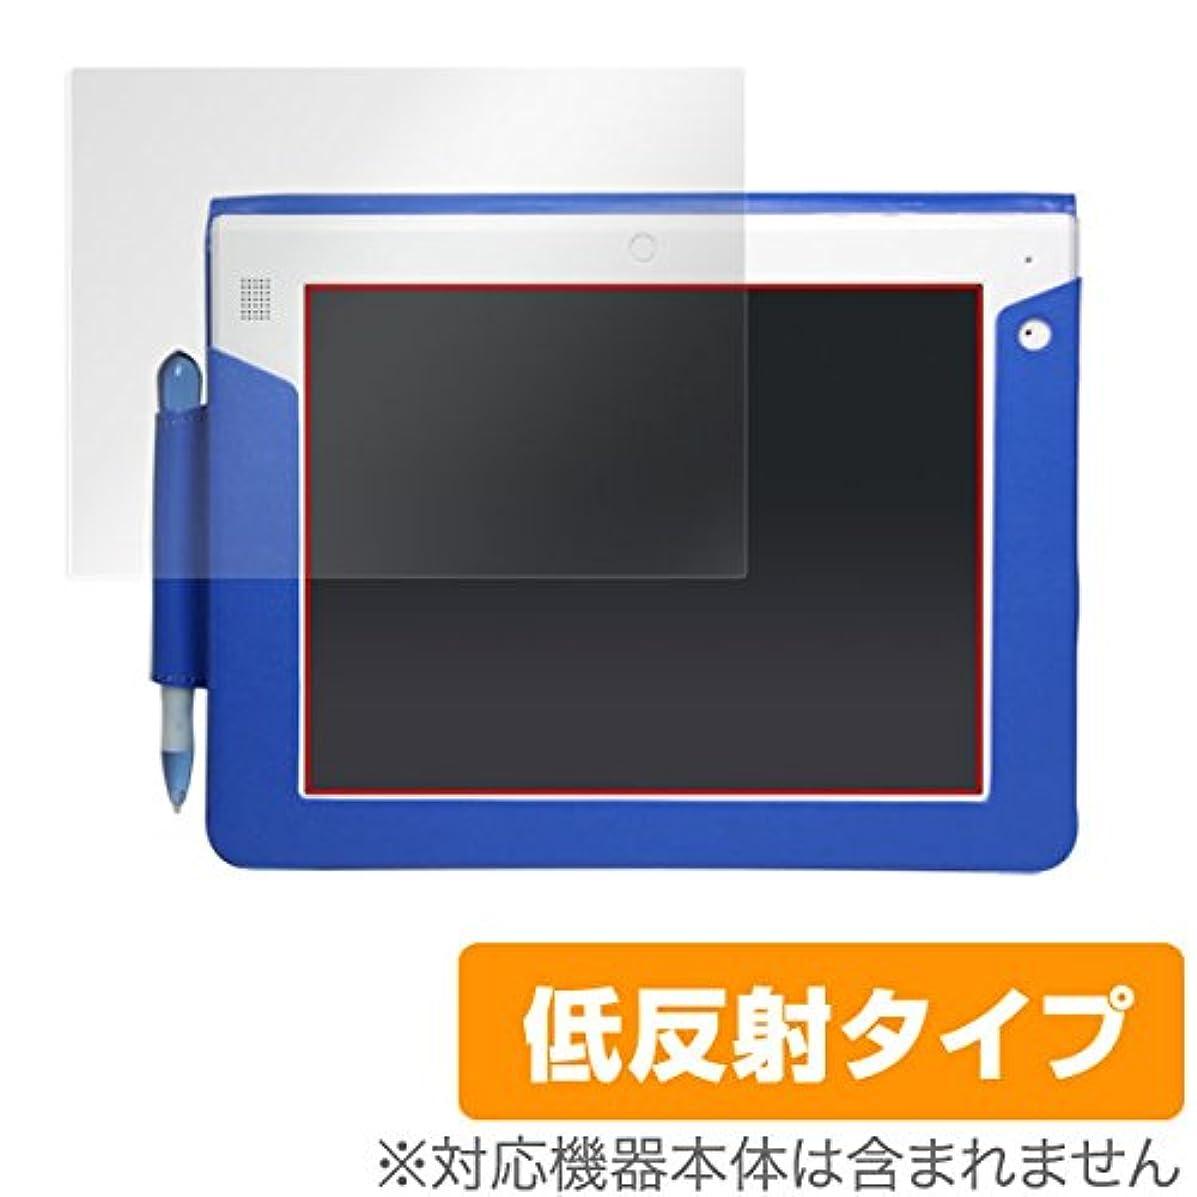 反響するカフェ宝OverLay Plus for 「チャレンジタッチ」タブレット 低反射タイプ 液晶 保護 シート OLCLGTAB/3